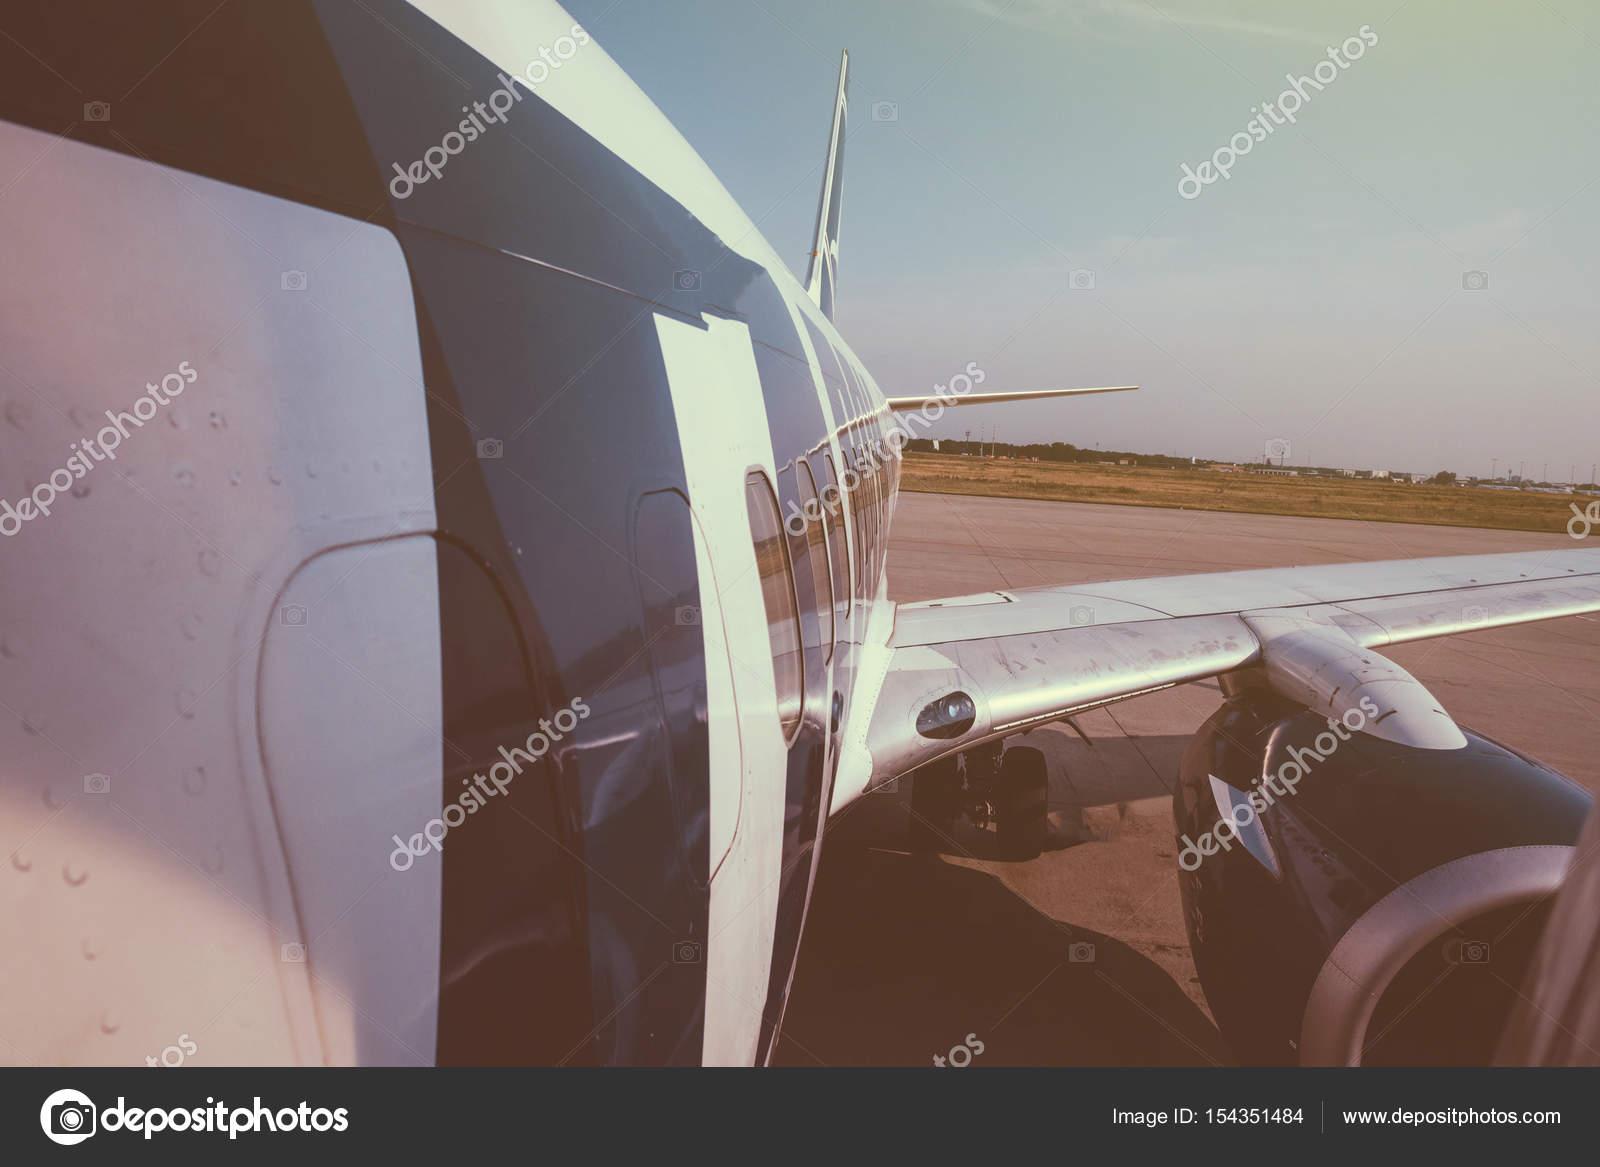 Moderne Flugzeuge Flügel und Rumpf Teil Landung ausziehen aus m ...